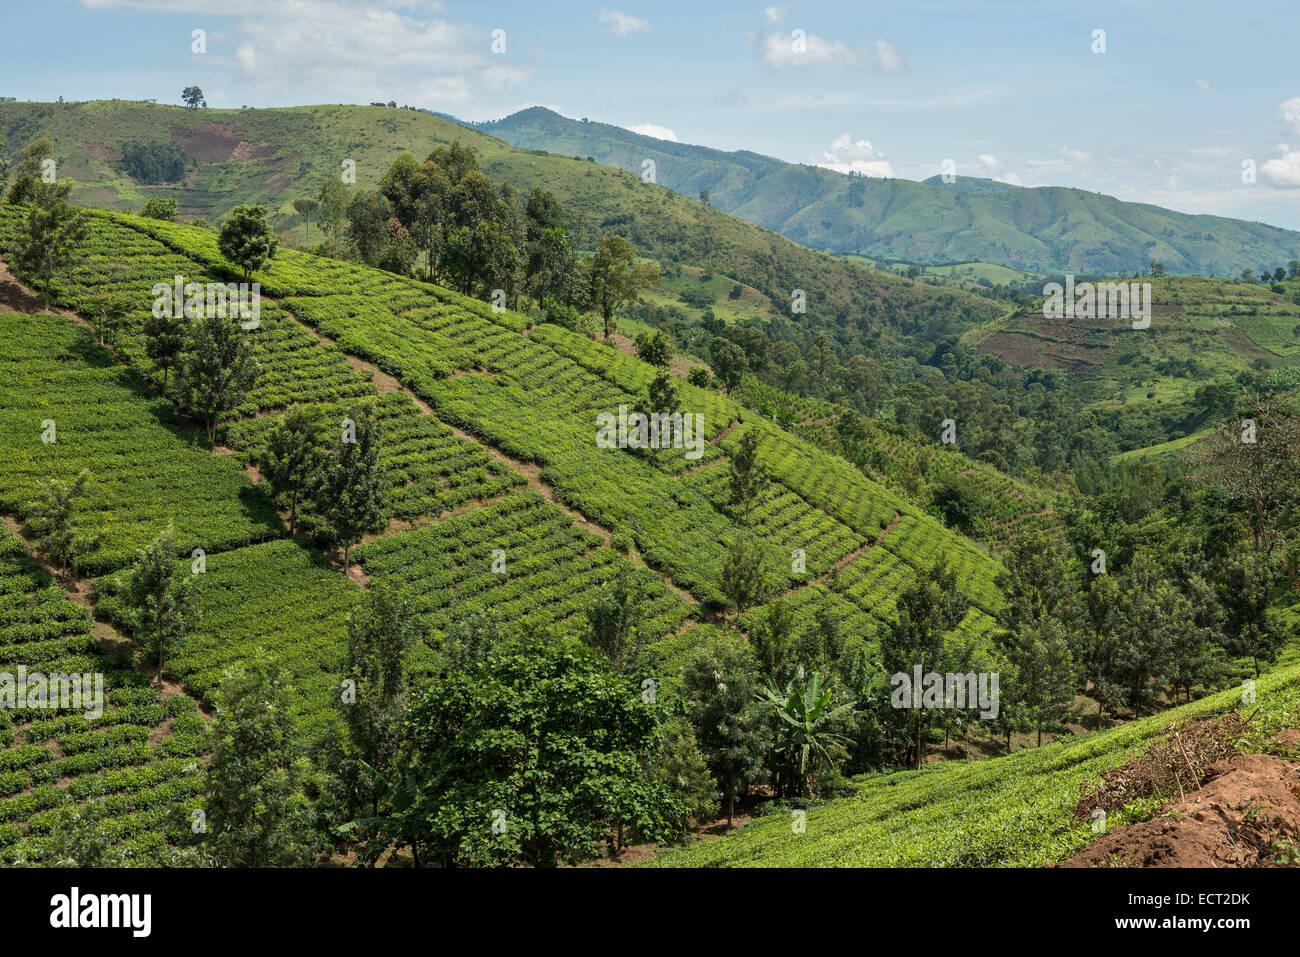 Les champs cultivés sur une pente, l'Ouganda Photo Stock